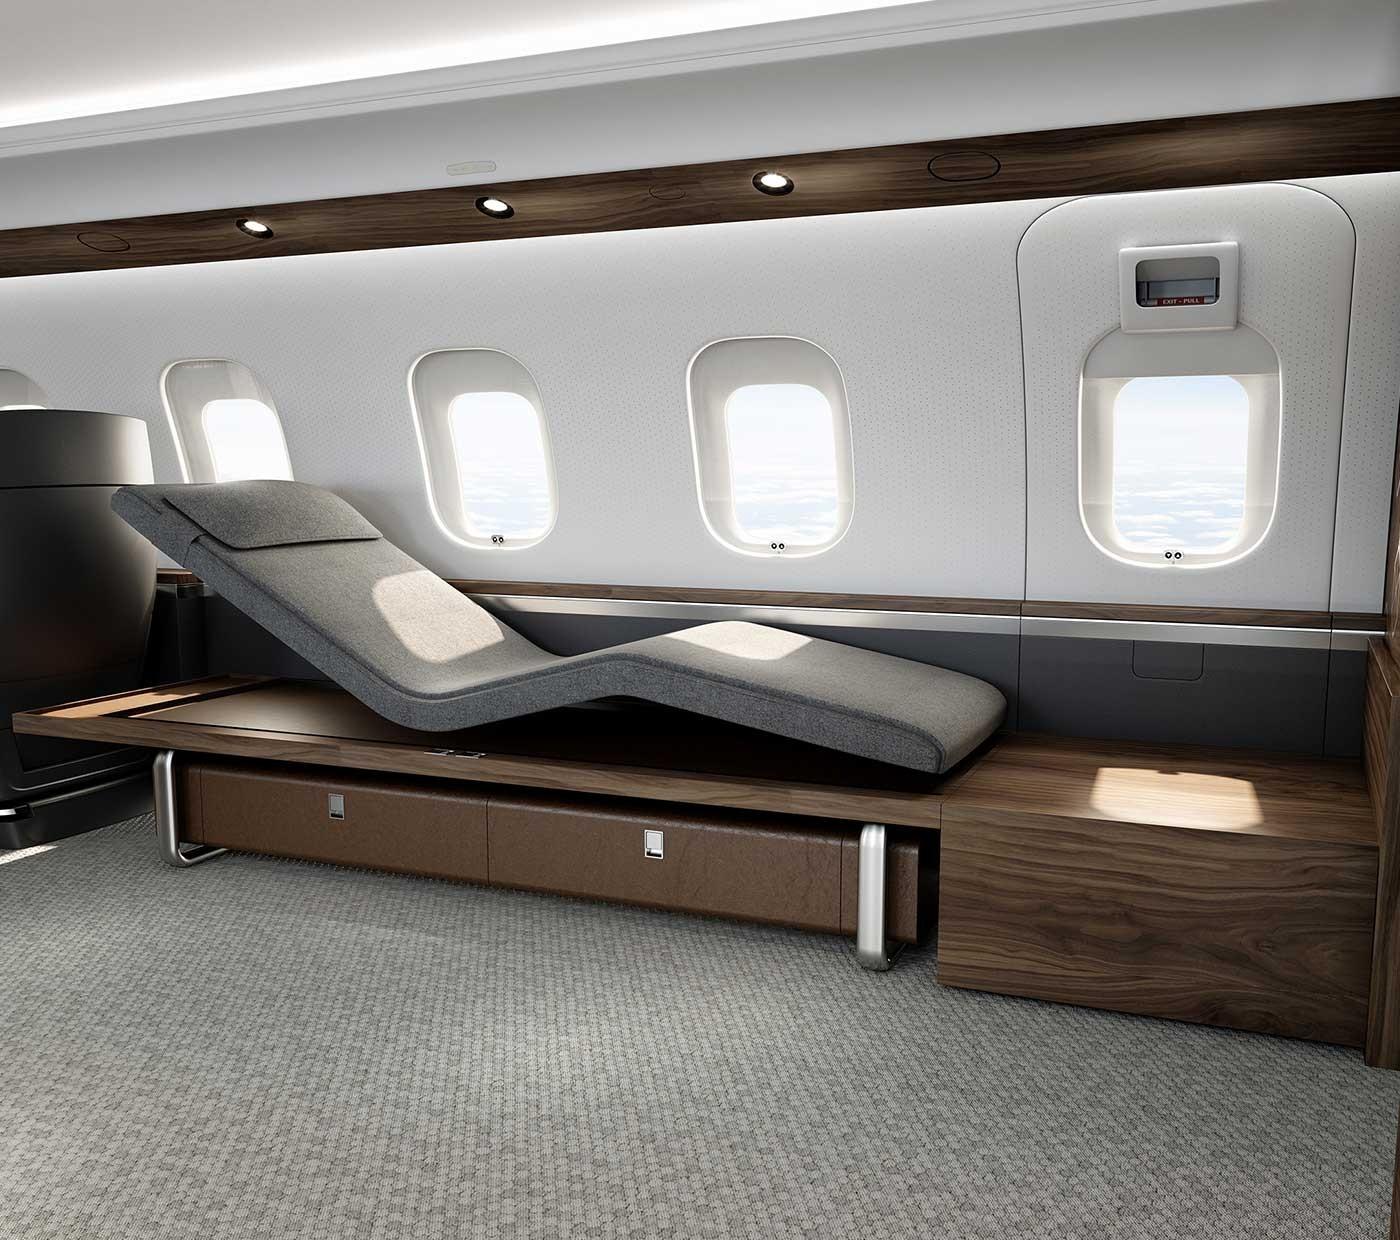 Global 6500 - La chaise méridienne Nuage